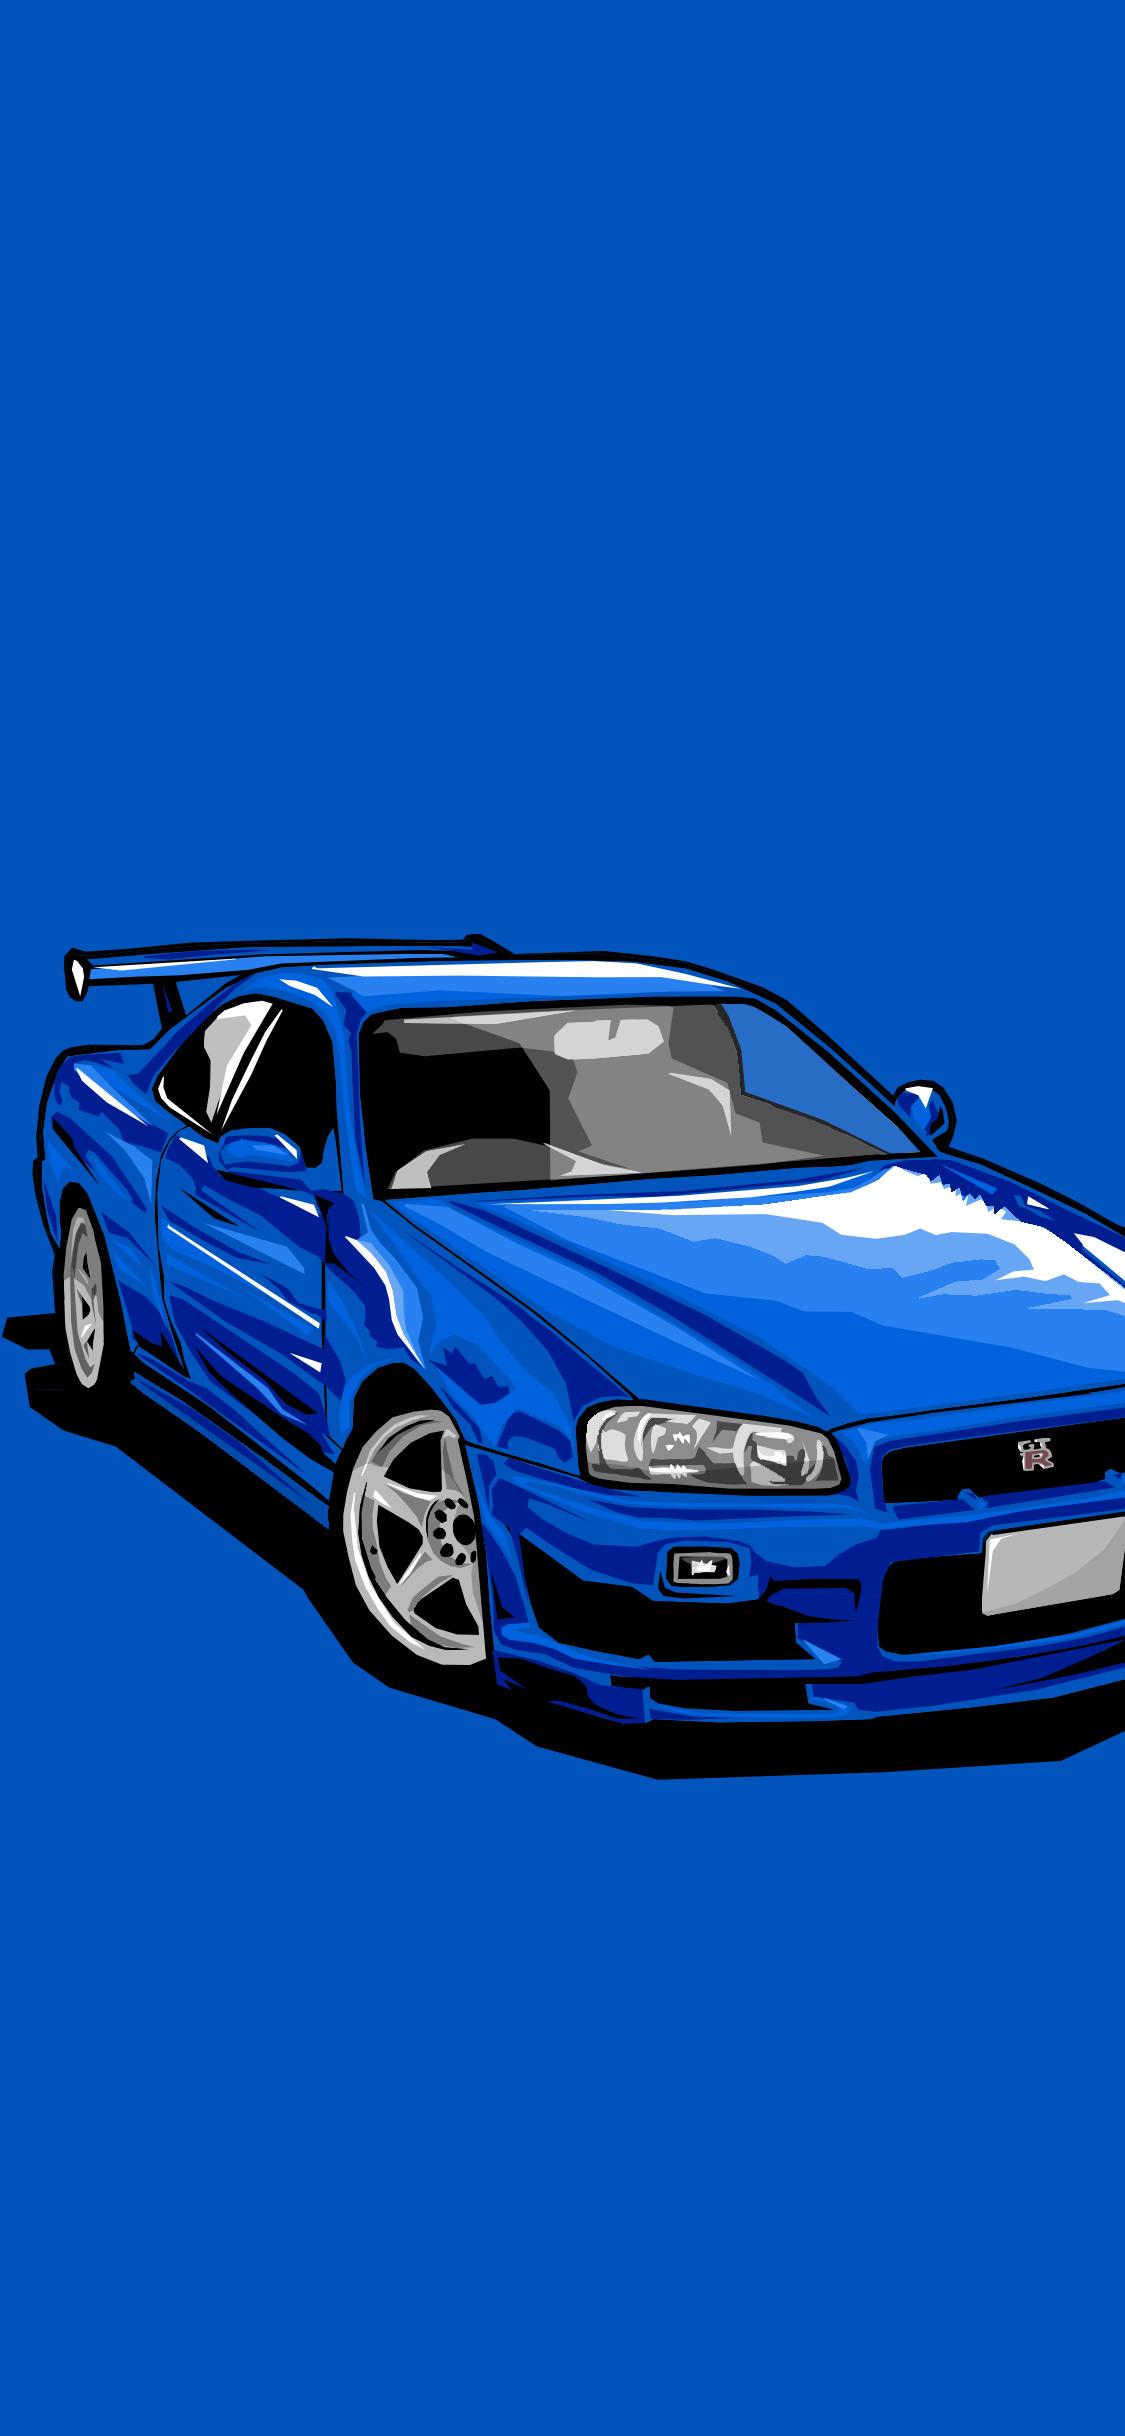 車の壁紙iphone X 車の壁紙 1125x2436 Wallpapertip